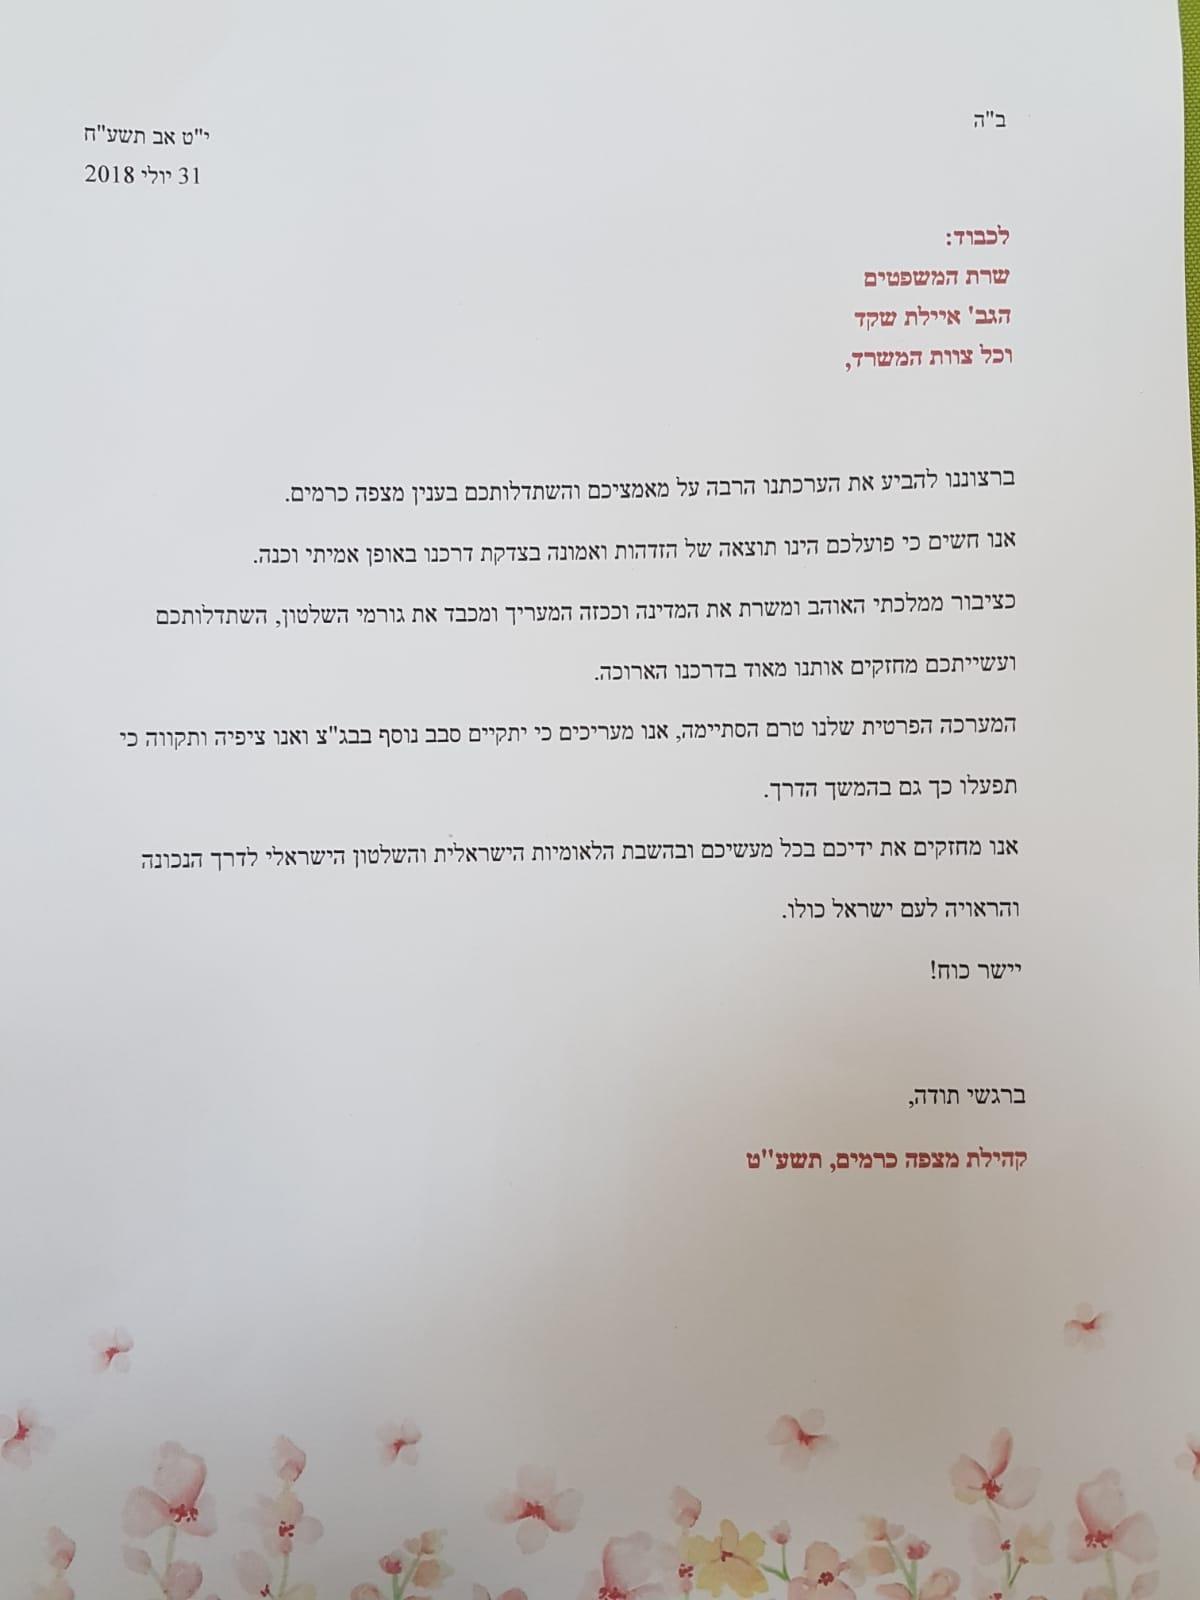 המכתב שמסרו תושבי מצפה כרמים לשרה שקד